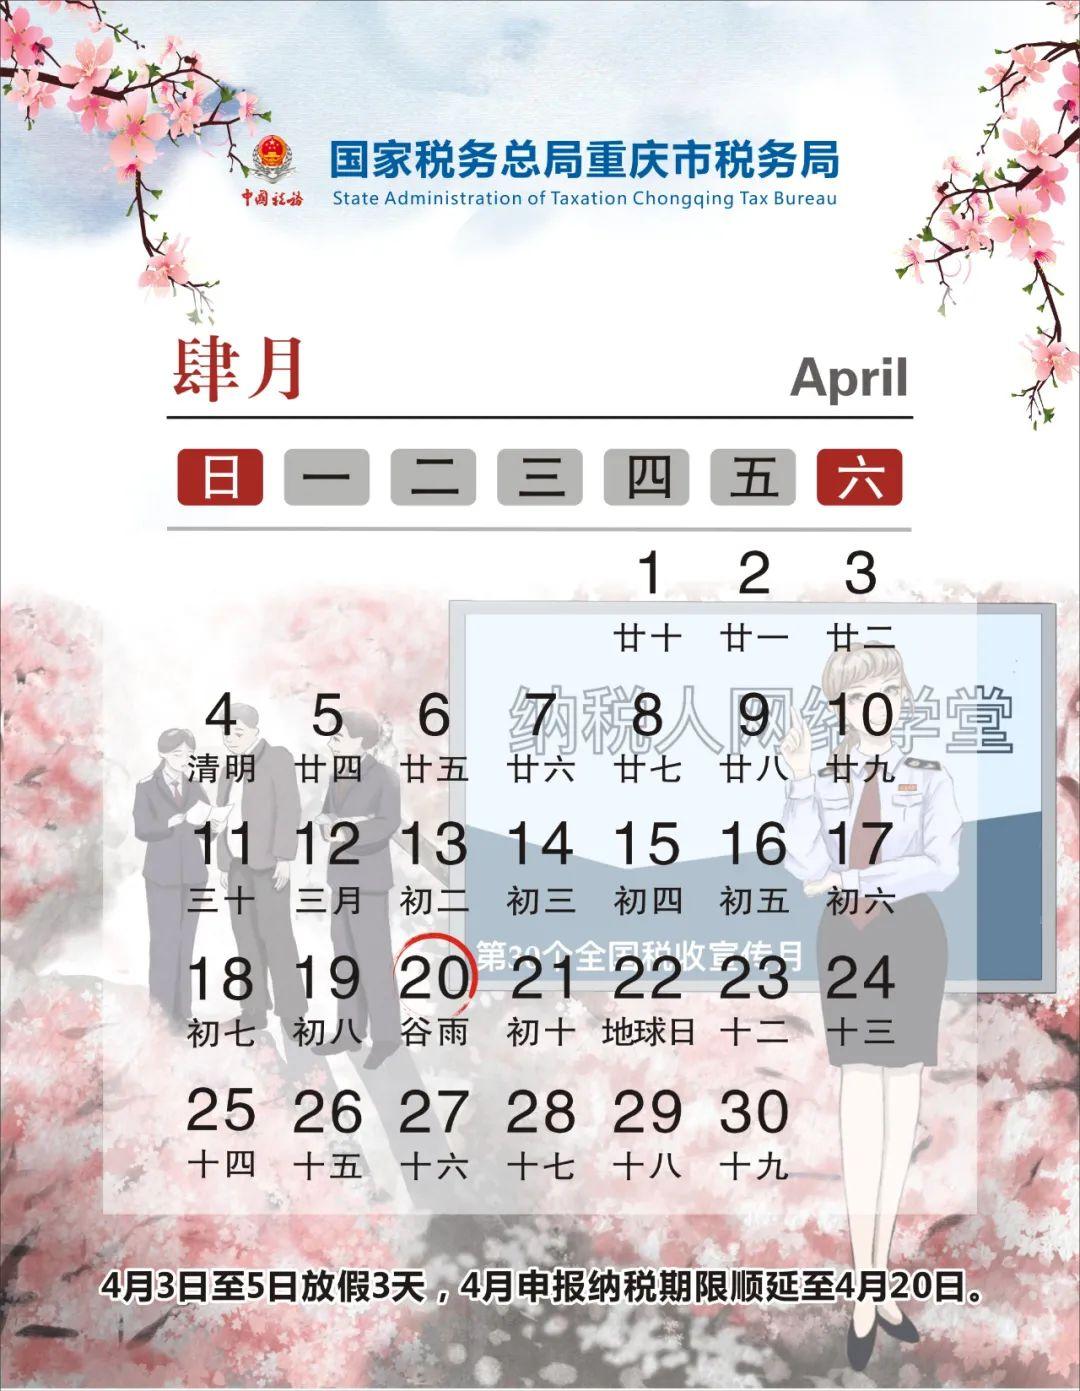 2021年4月纳税申报日历,请注意2021年4月份申报截止日期,掌握好报税时间